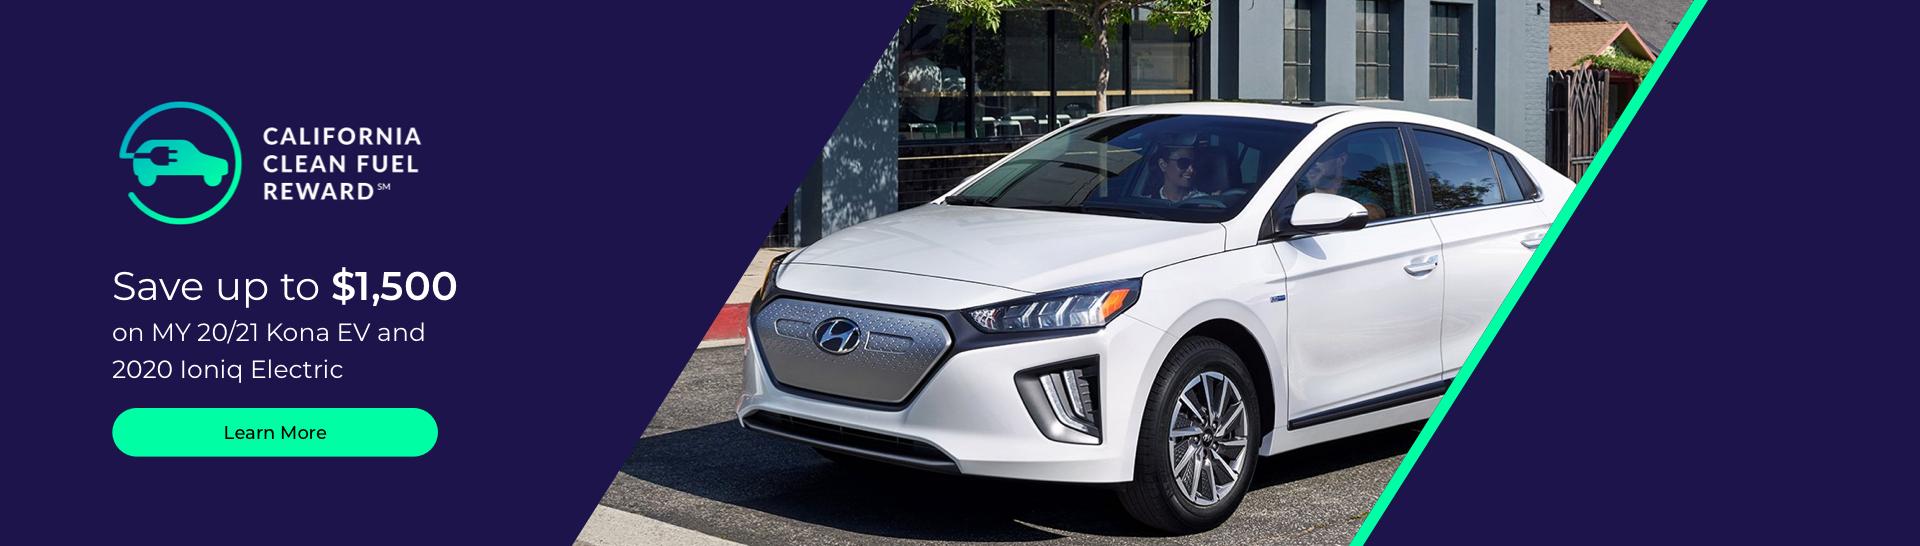 Hyundai Clean Fuel Reward Desktop